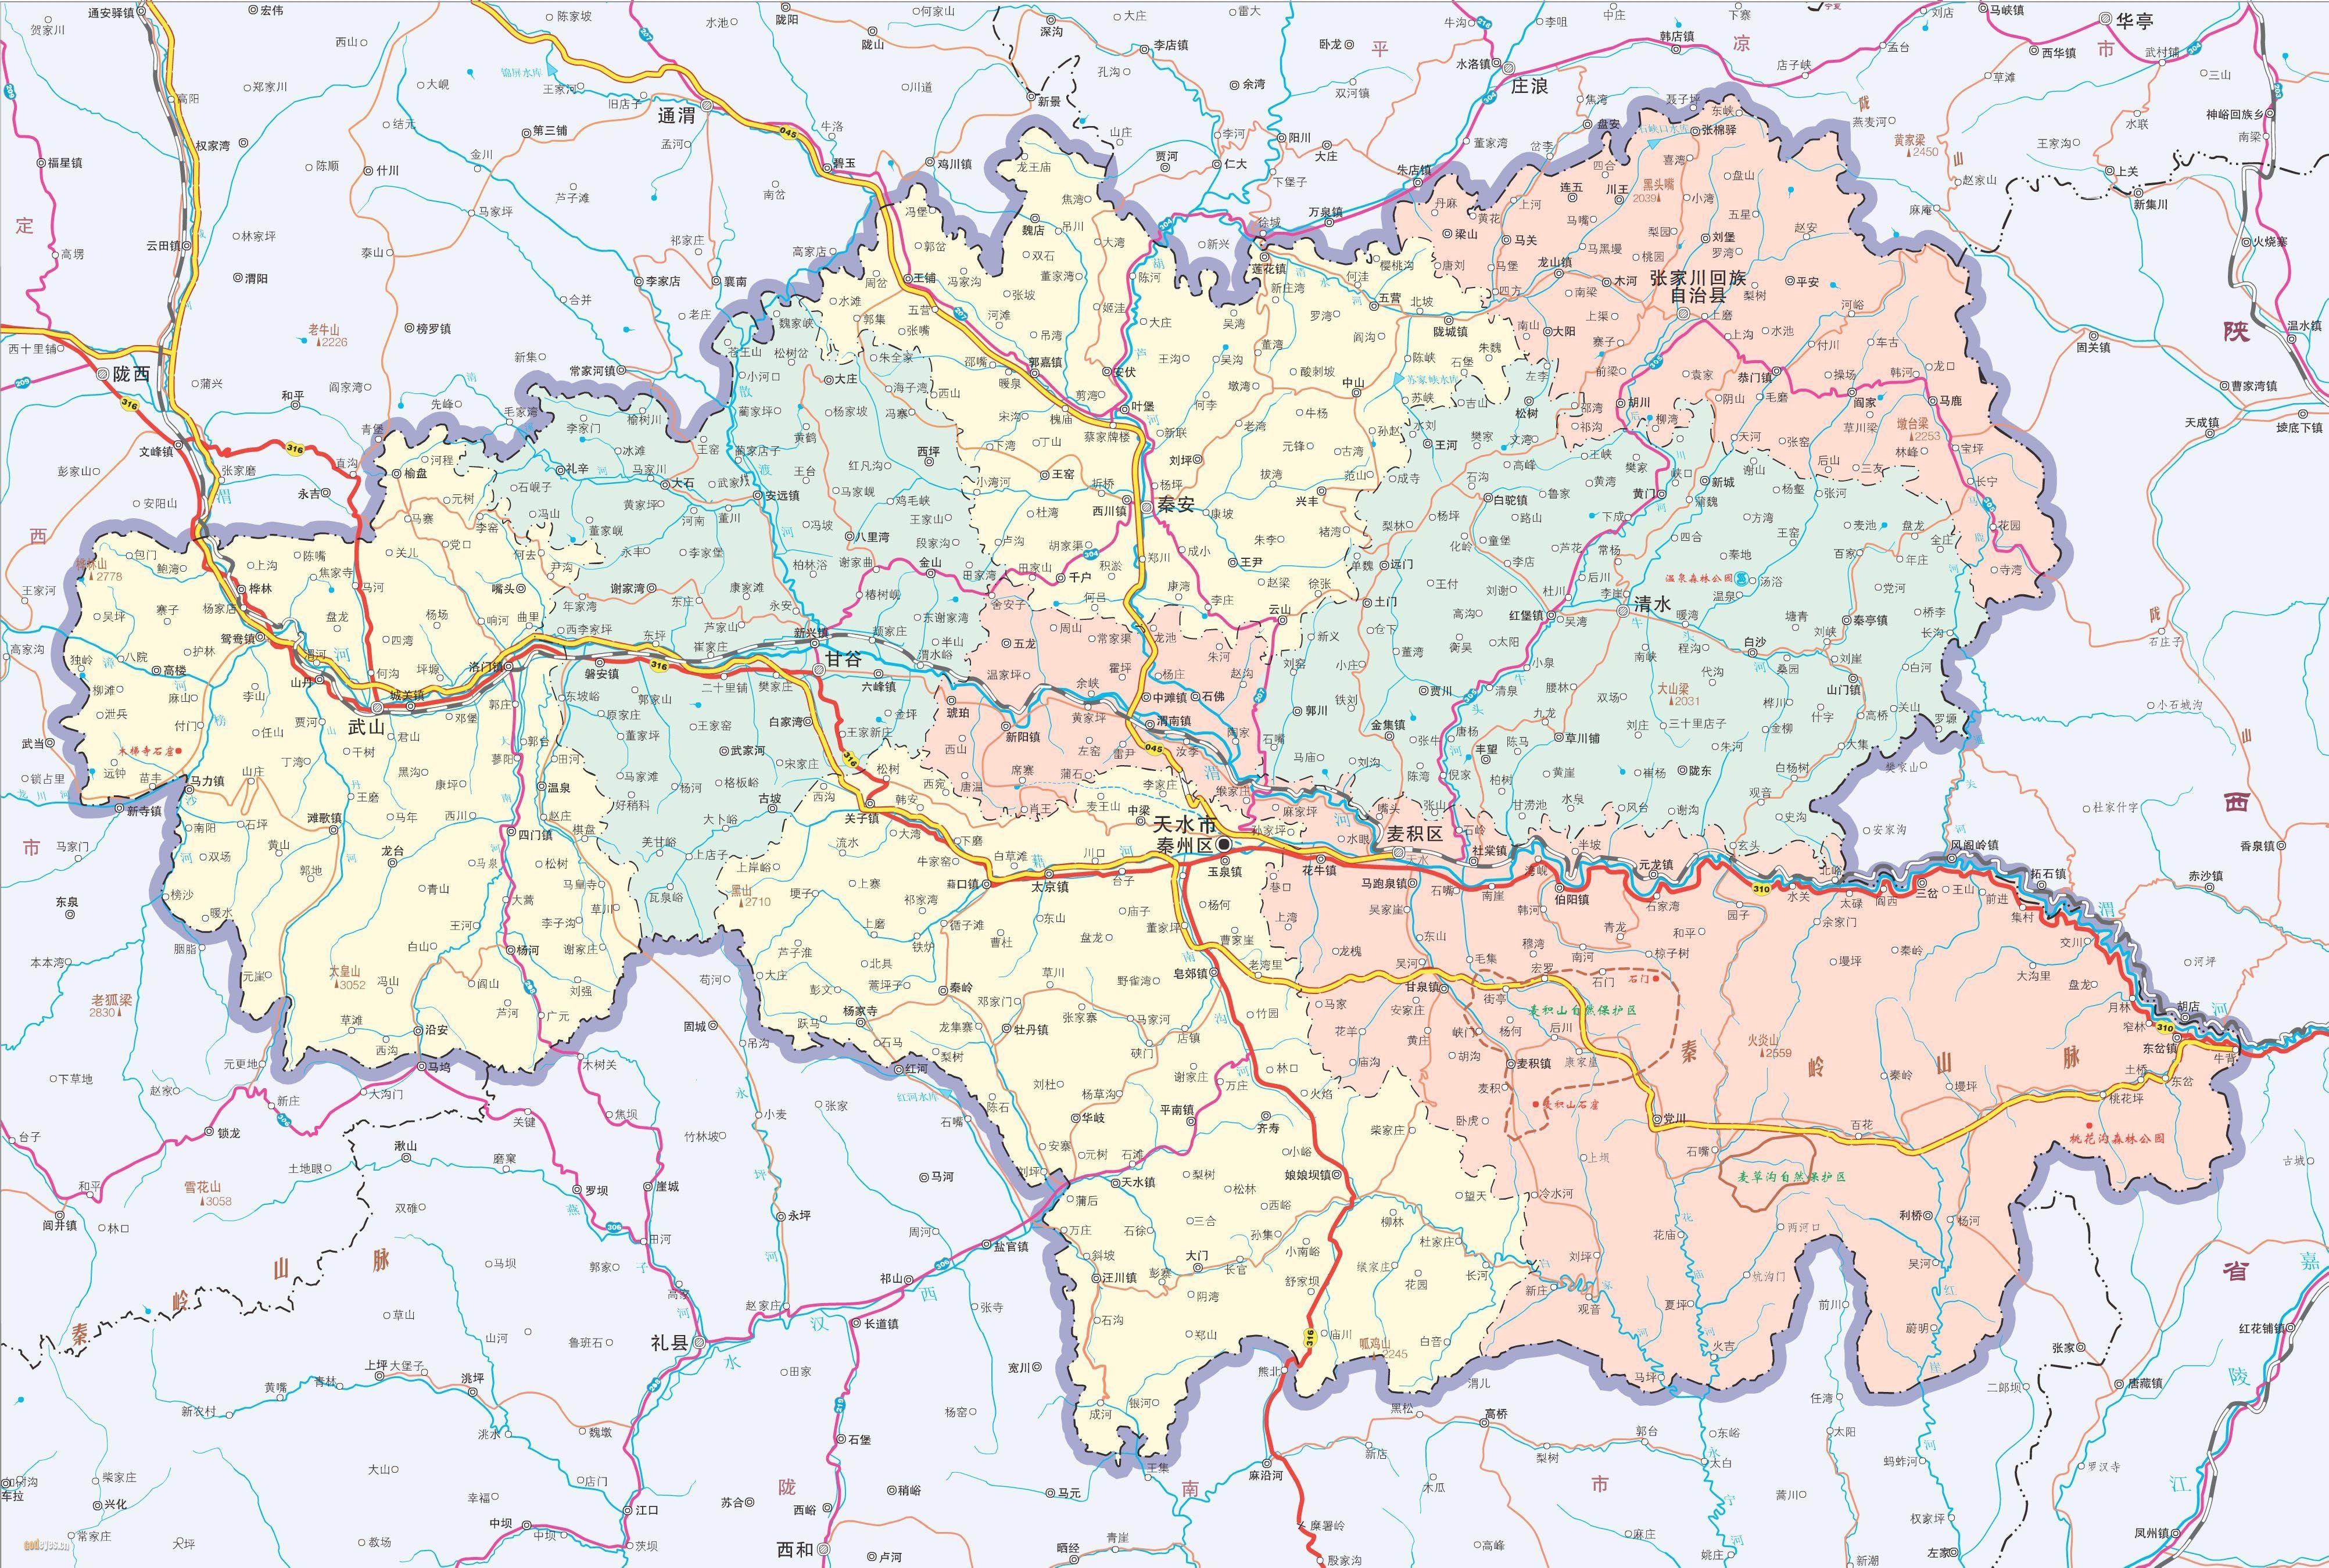 甘肃省天水市地图